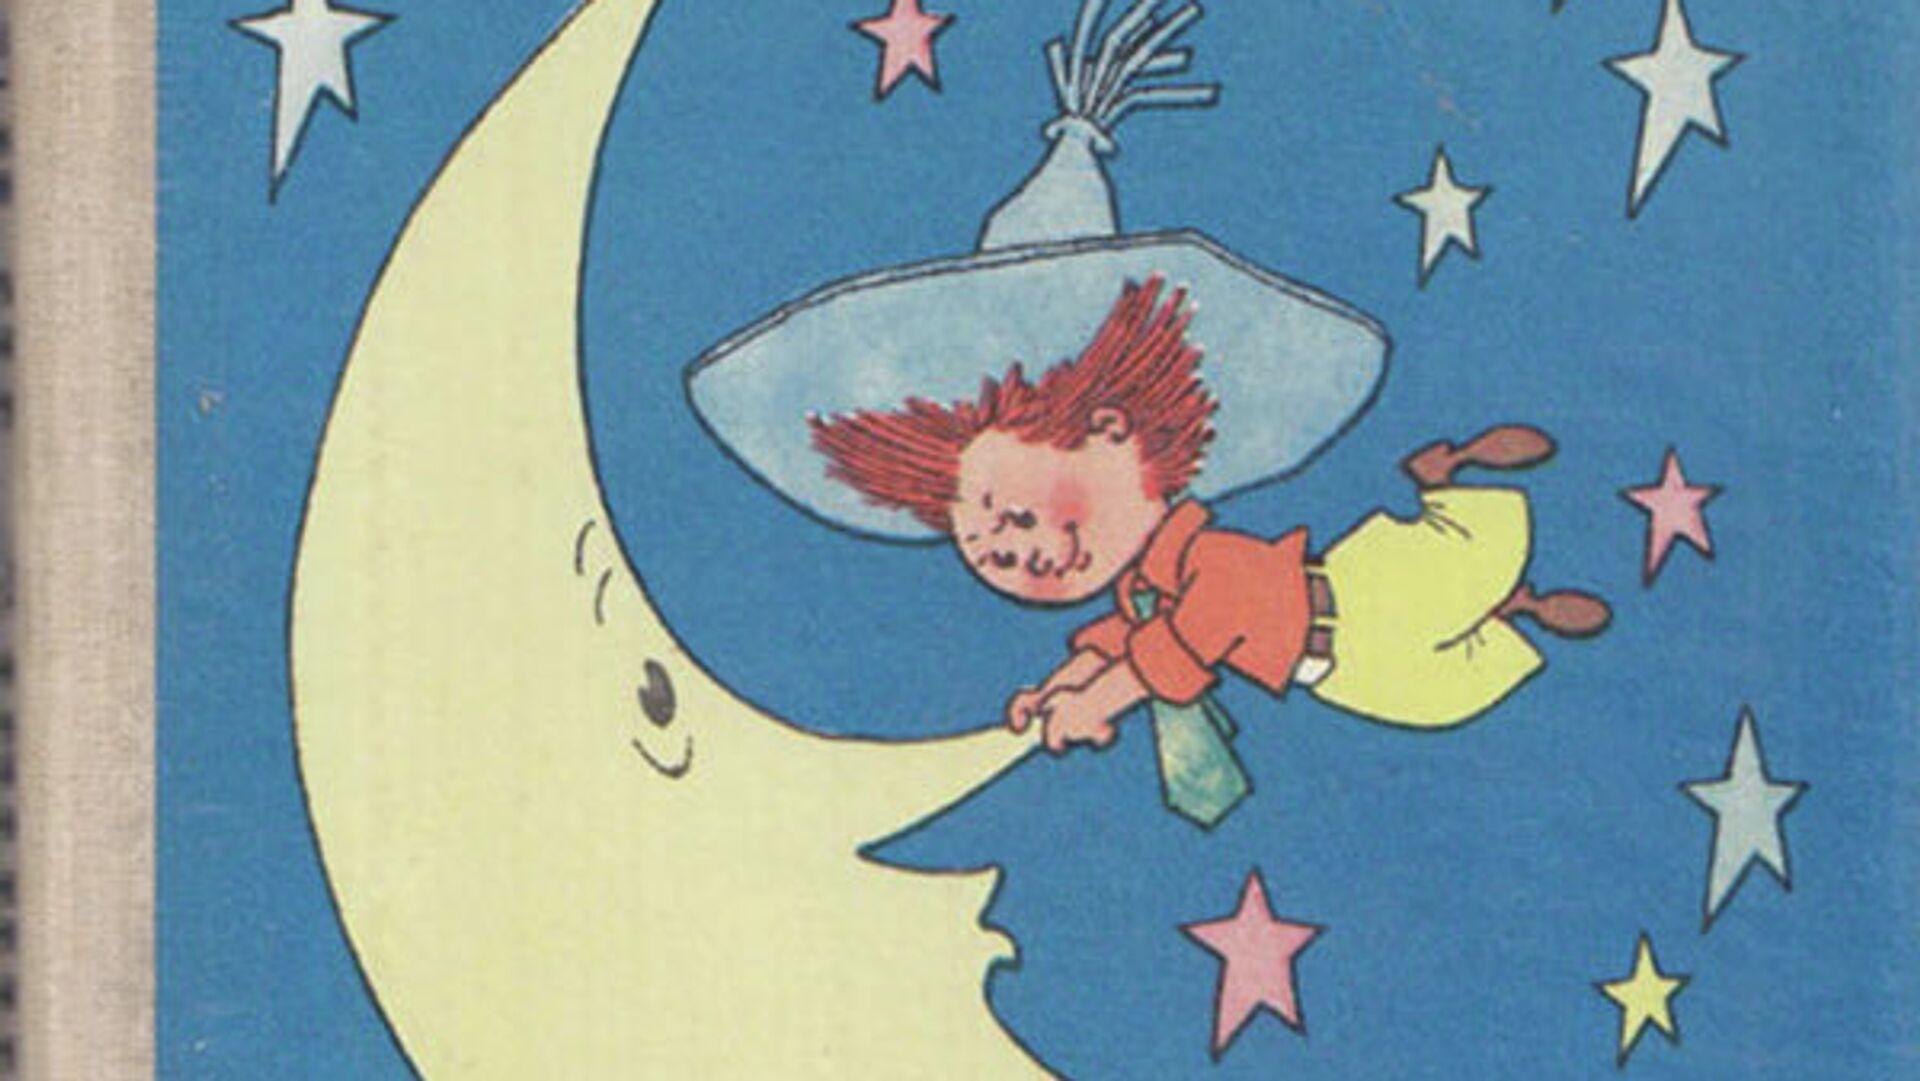 Обложка книги Николая Носова Незнайка на луне с иллюстрациями Генриха Валька, 1976 год - РИА Новости, 1920, 23.11.2020